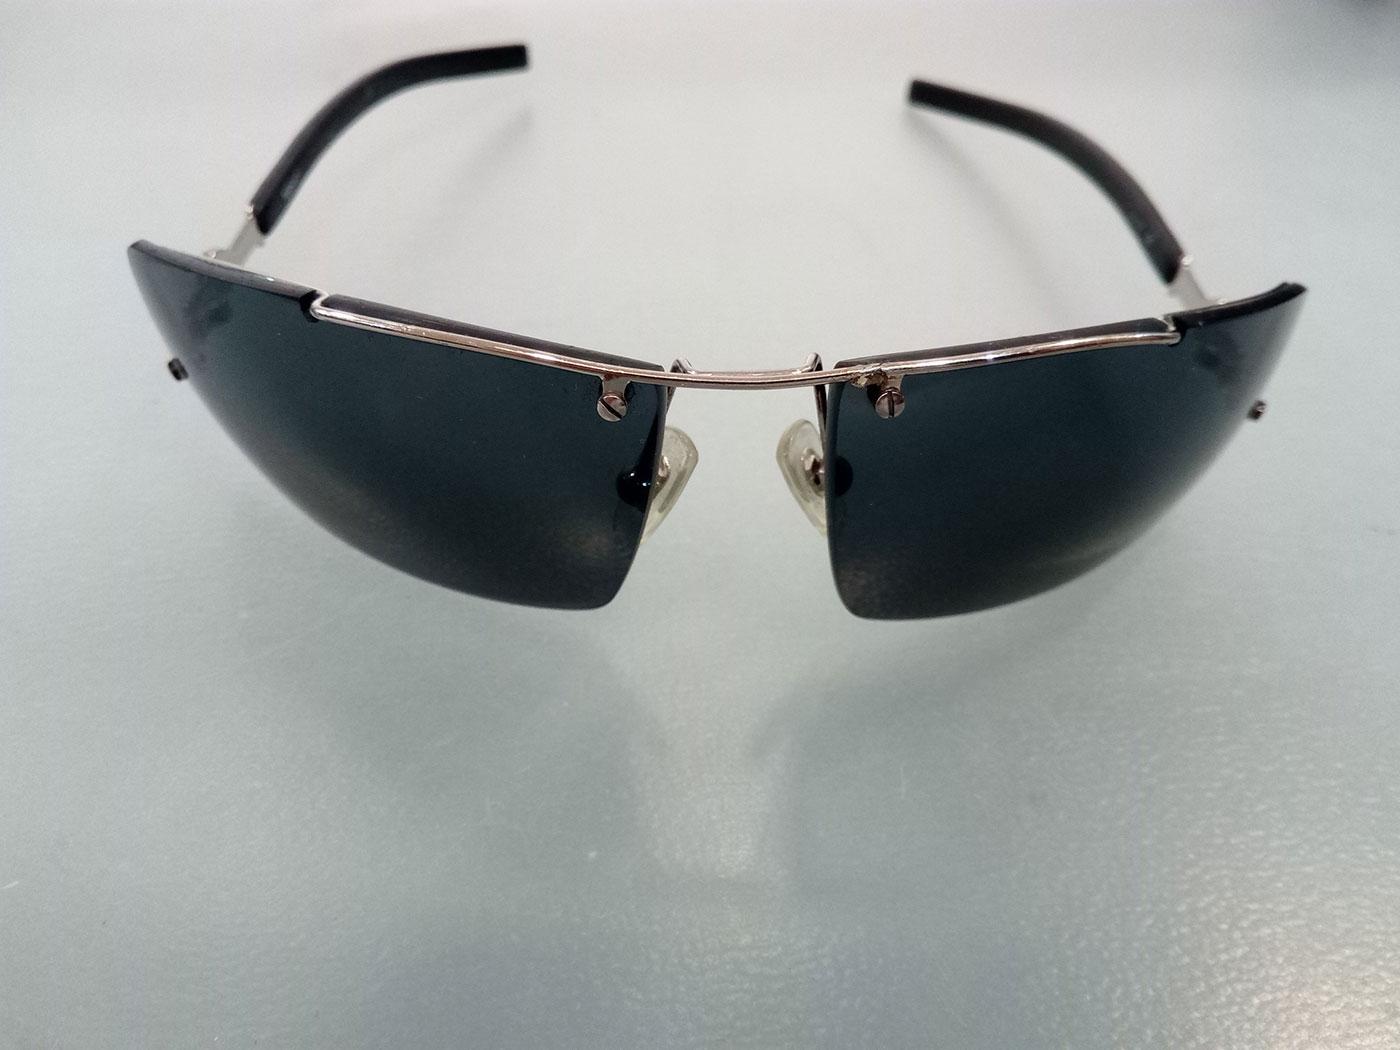 Σπασμένο πλαίσιο από γυαλιά ηλίου